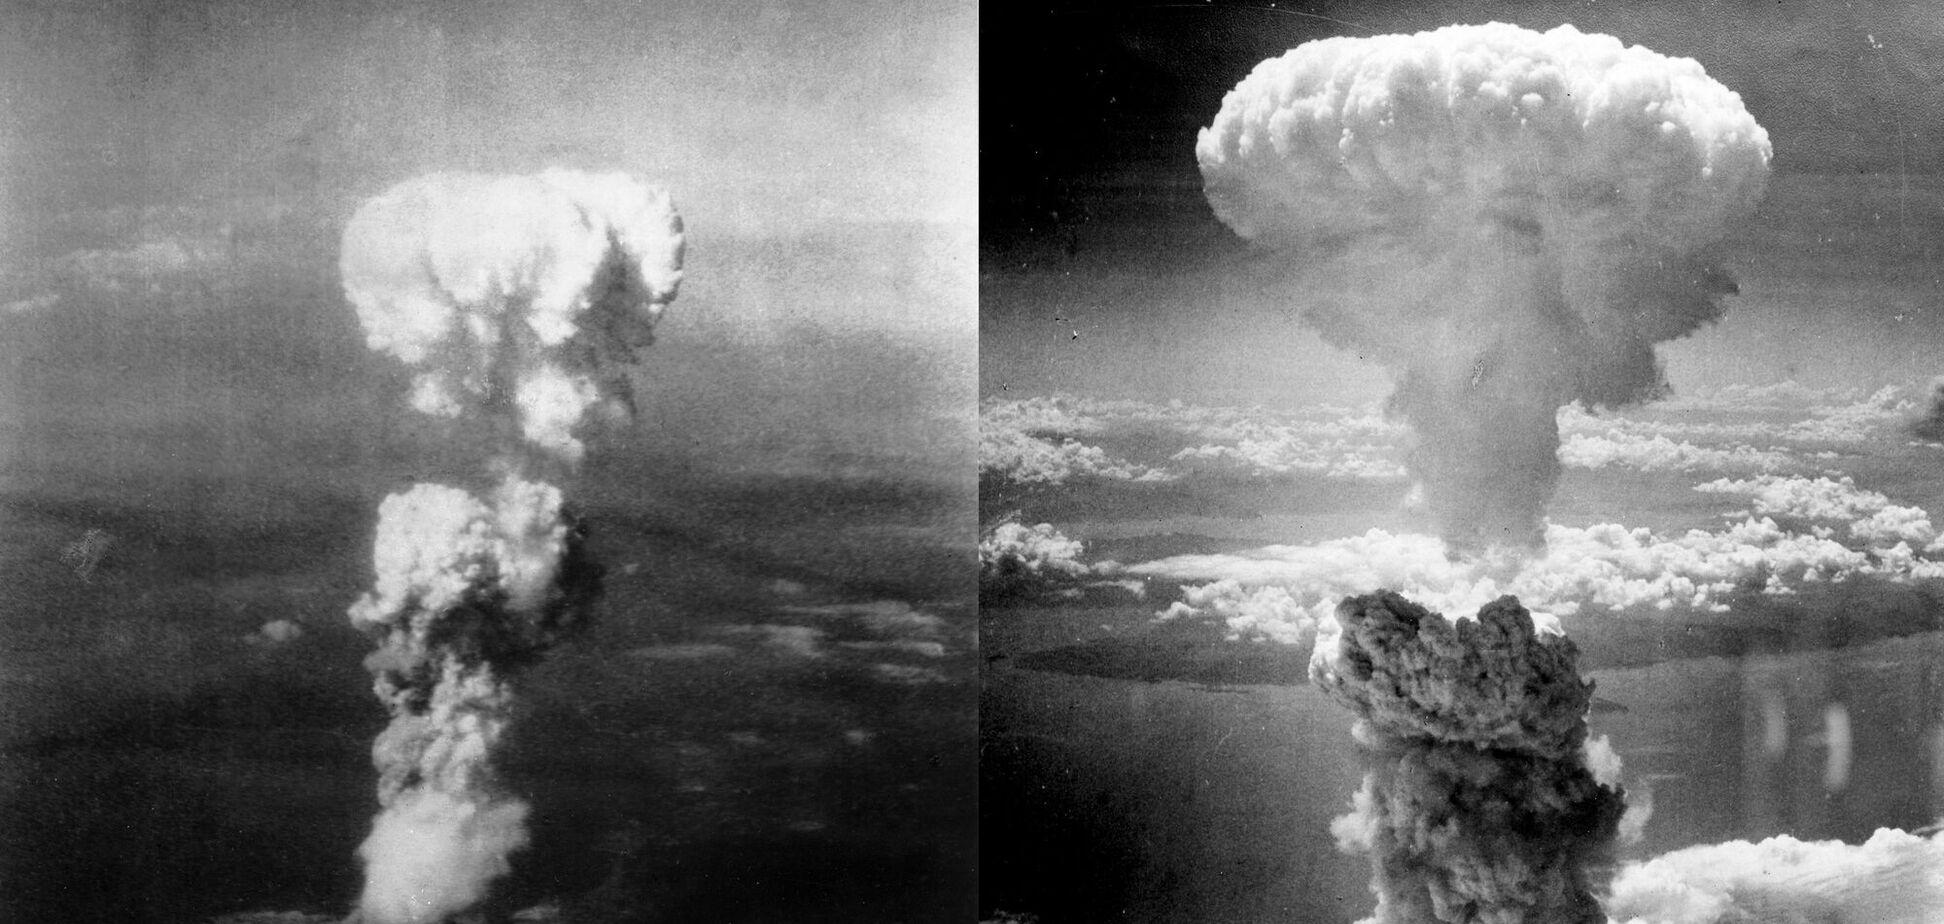 Ядерный гриб над Хиросимой и Нагасаки. Источник: Фото: Wikipedia